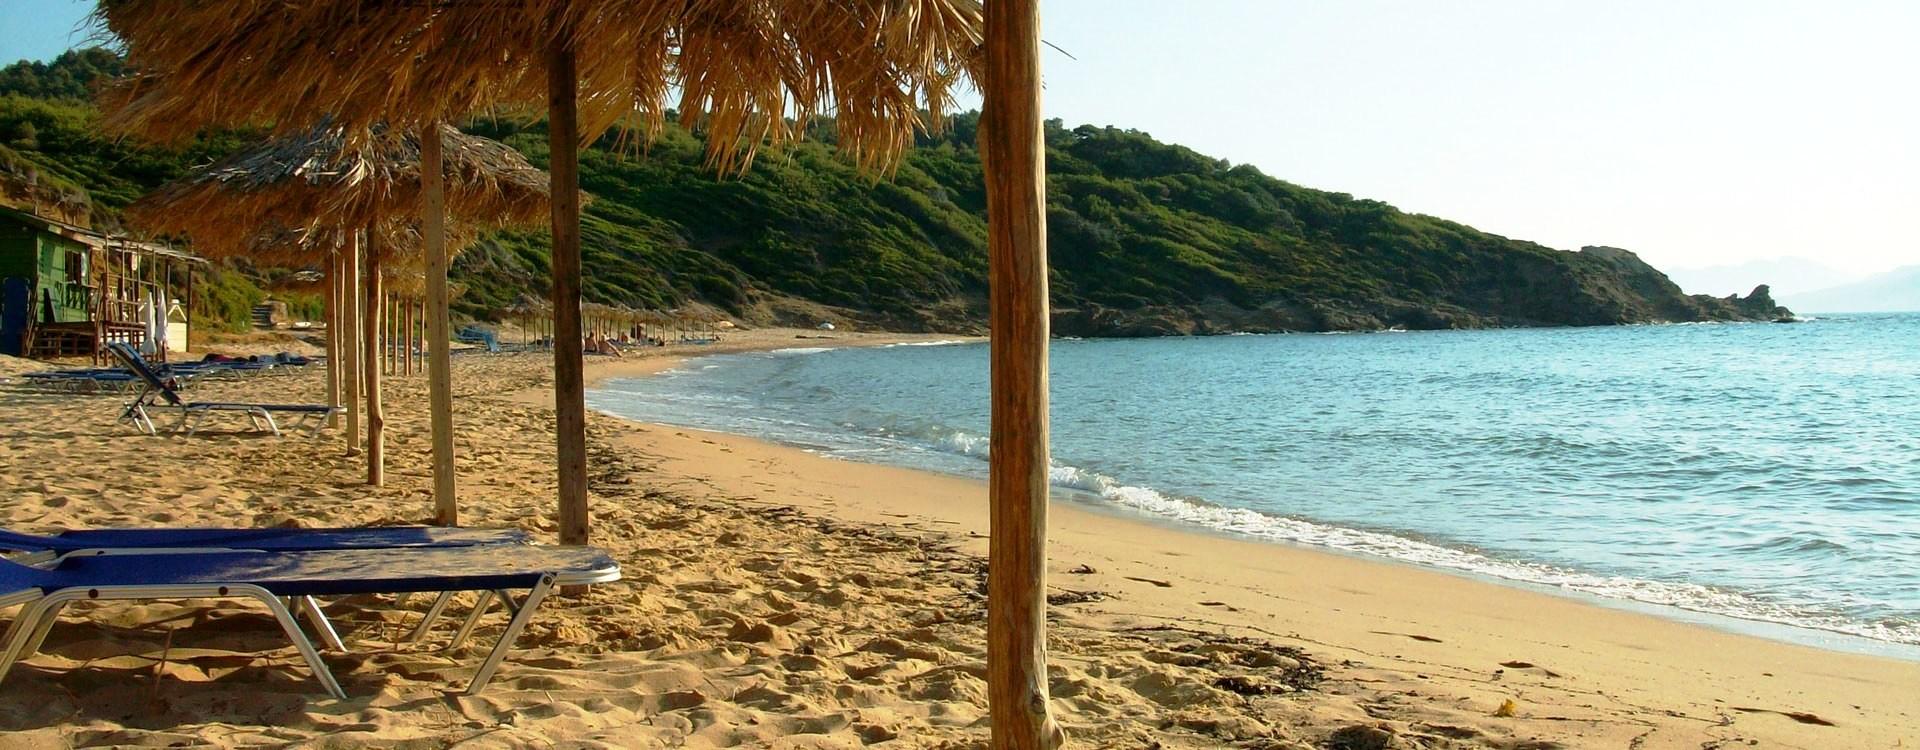 Παραλία Μανδράκι